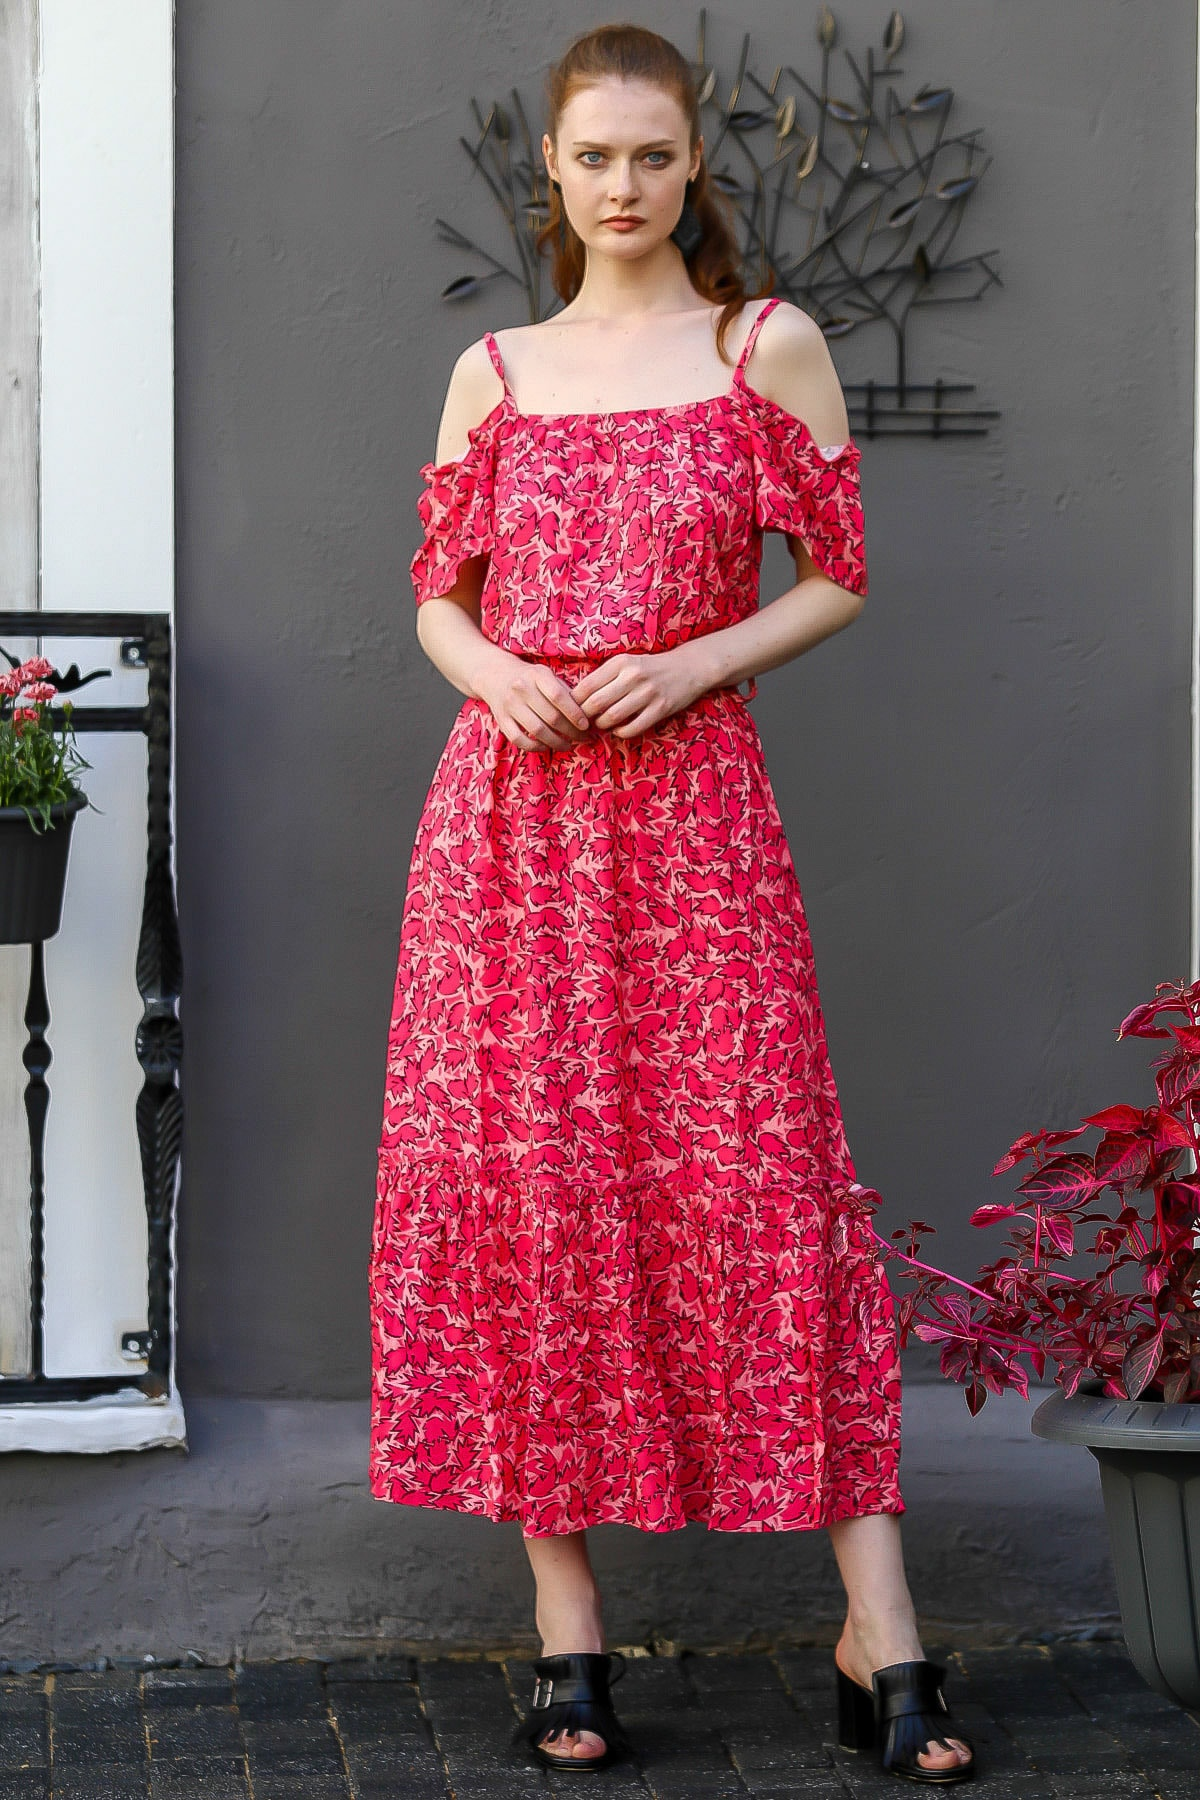 Chiccy Kadın Fuşya Madonna Yaka Askılı Yaprak Desenli Uzun Dokuma Elbise M10160000El94771